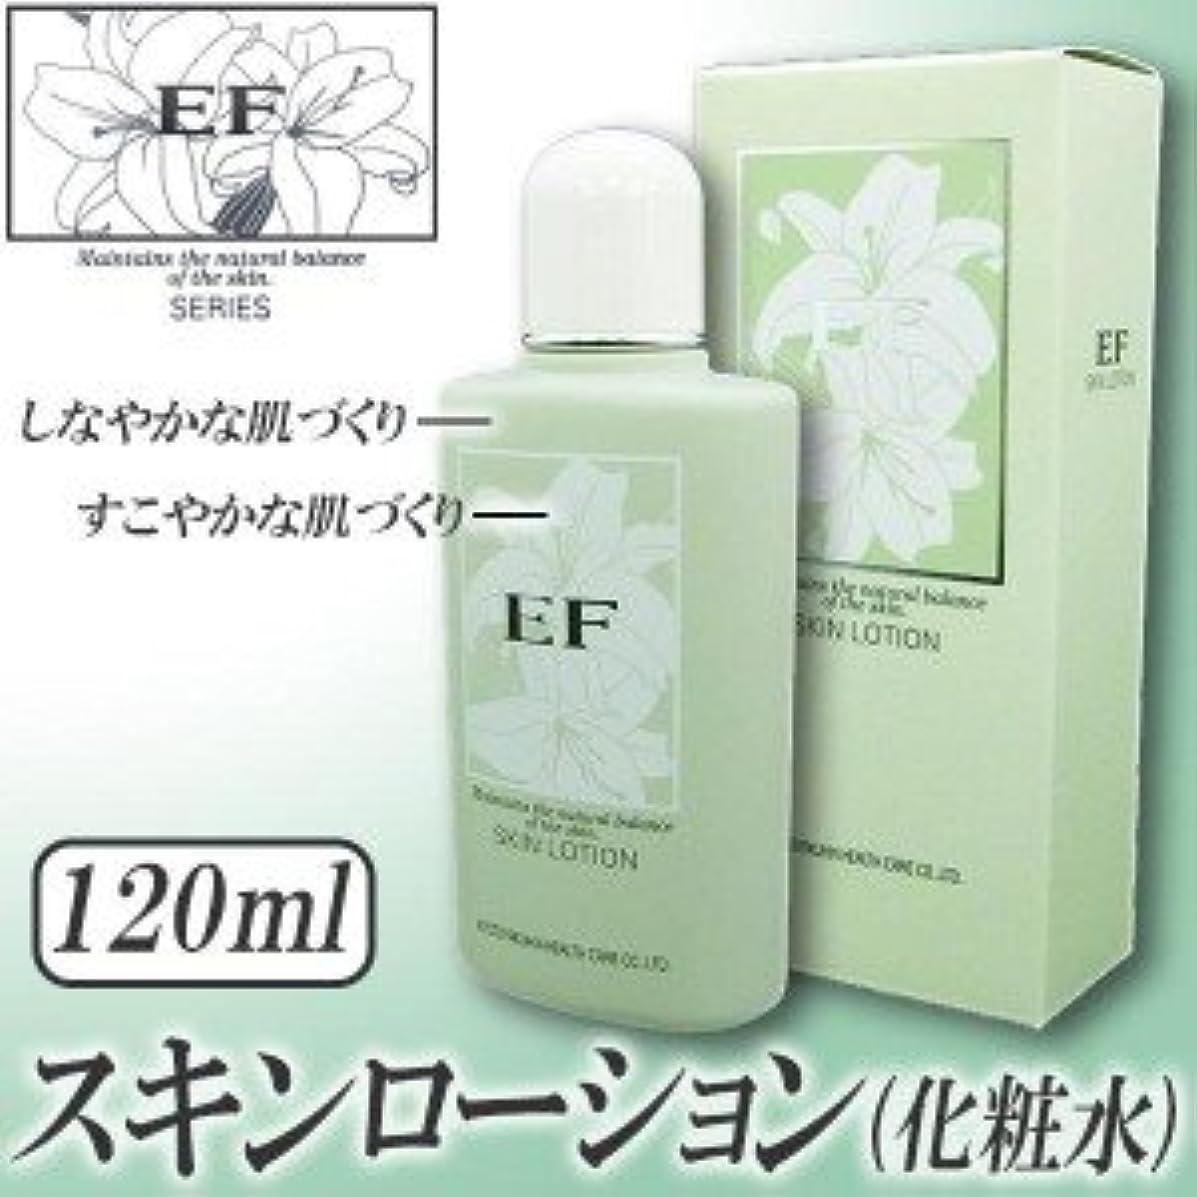 EFスキンローション(化粧水) 120mL